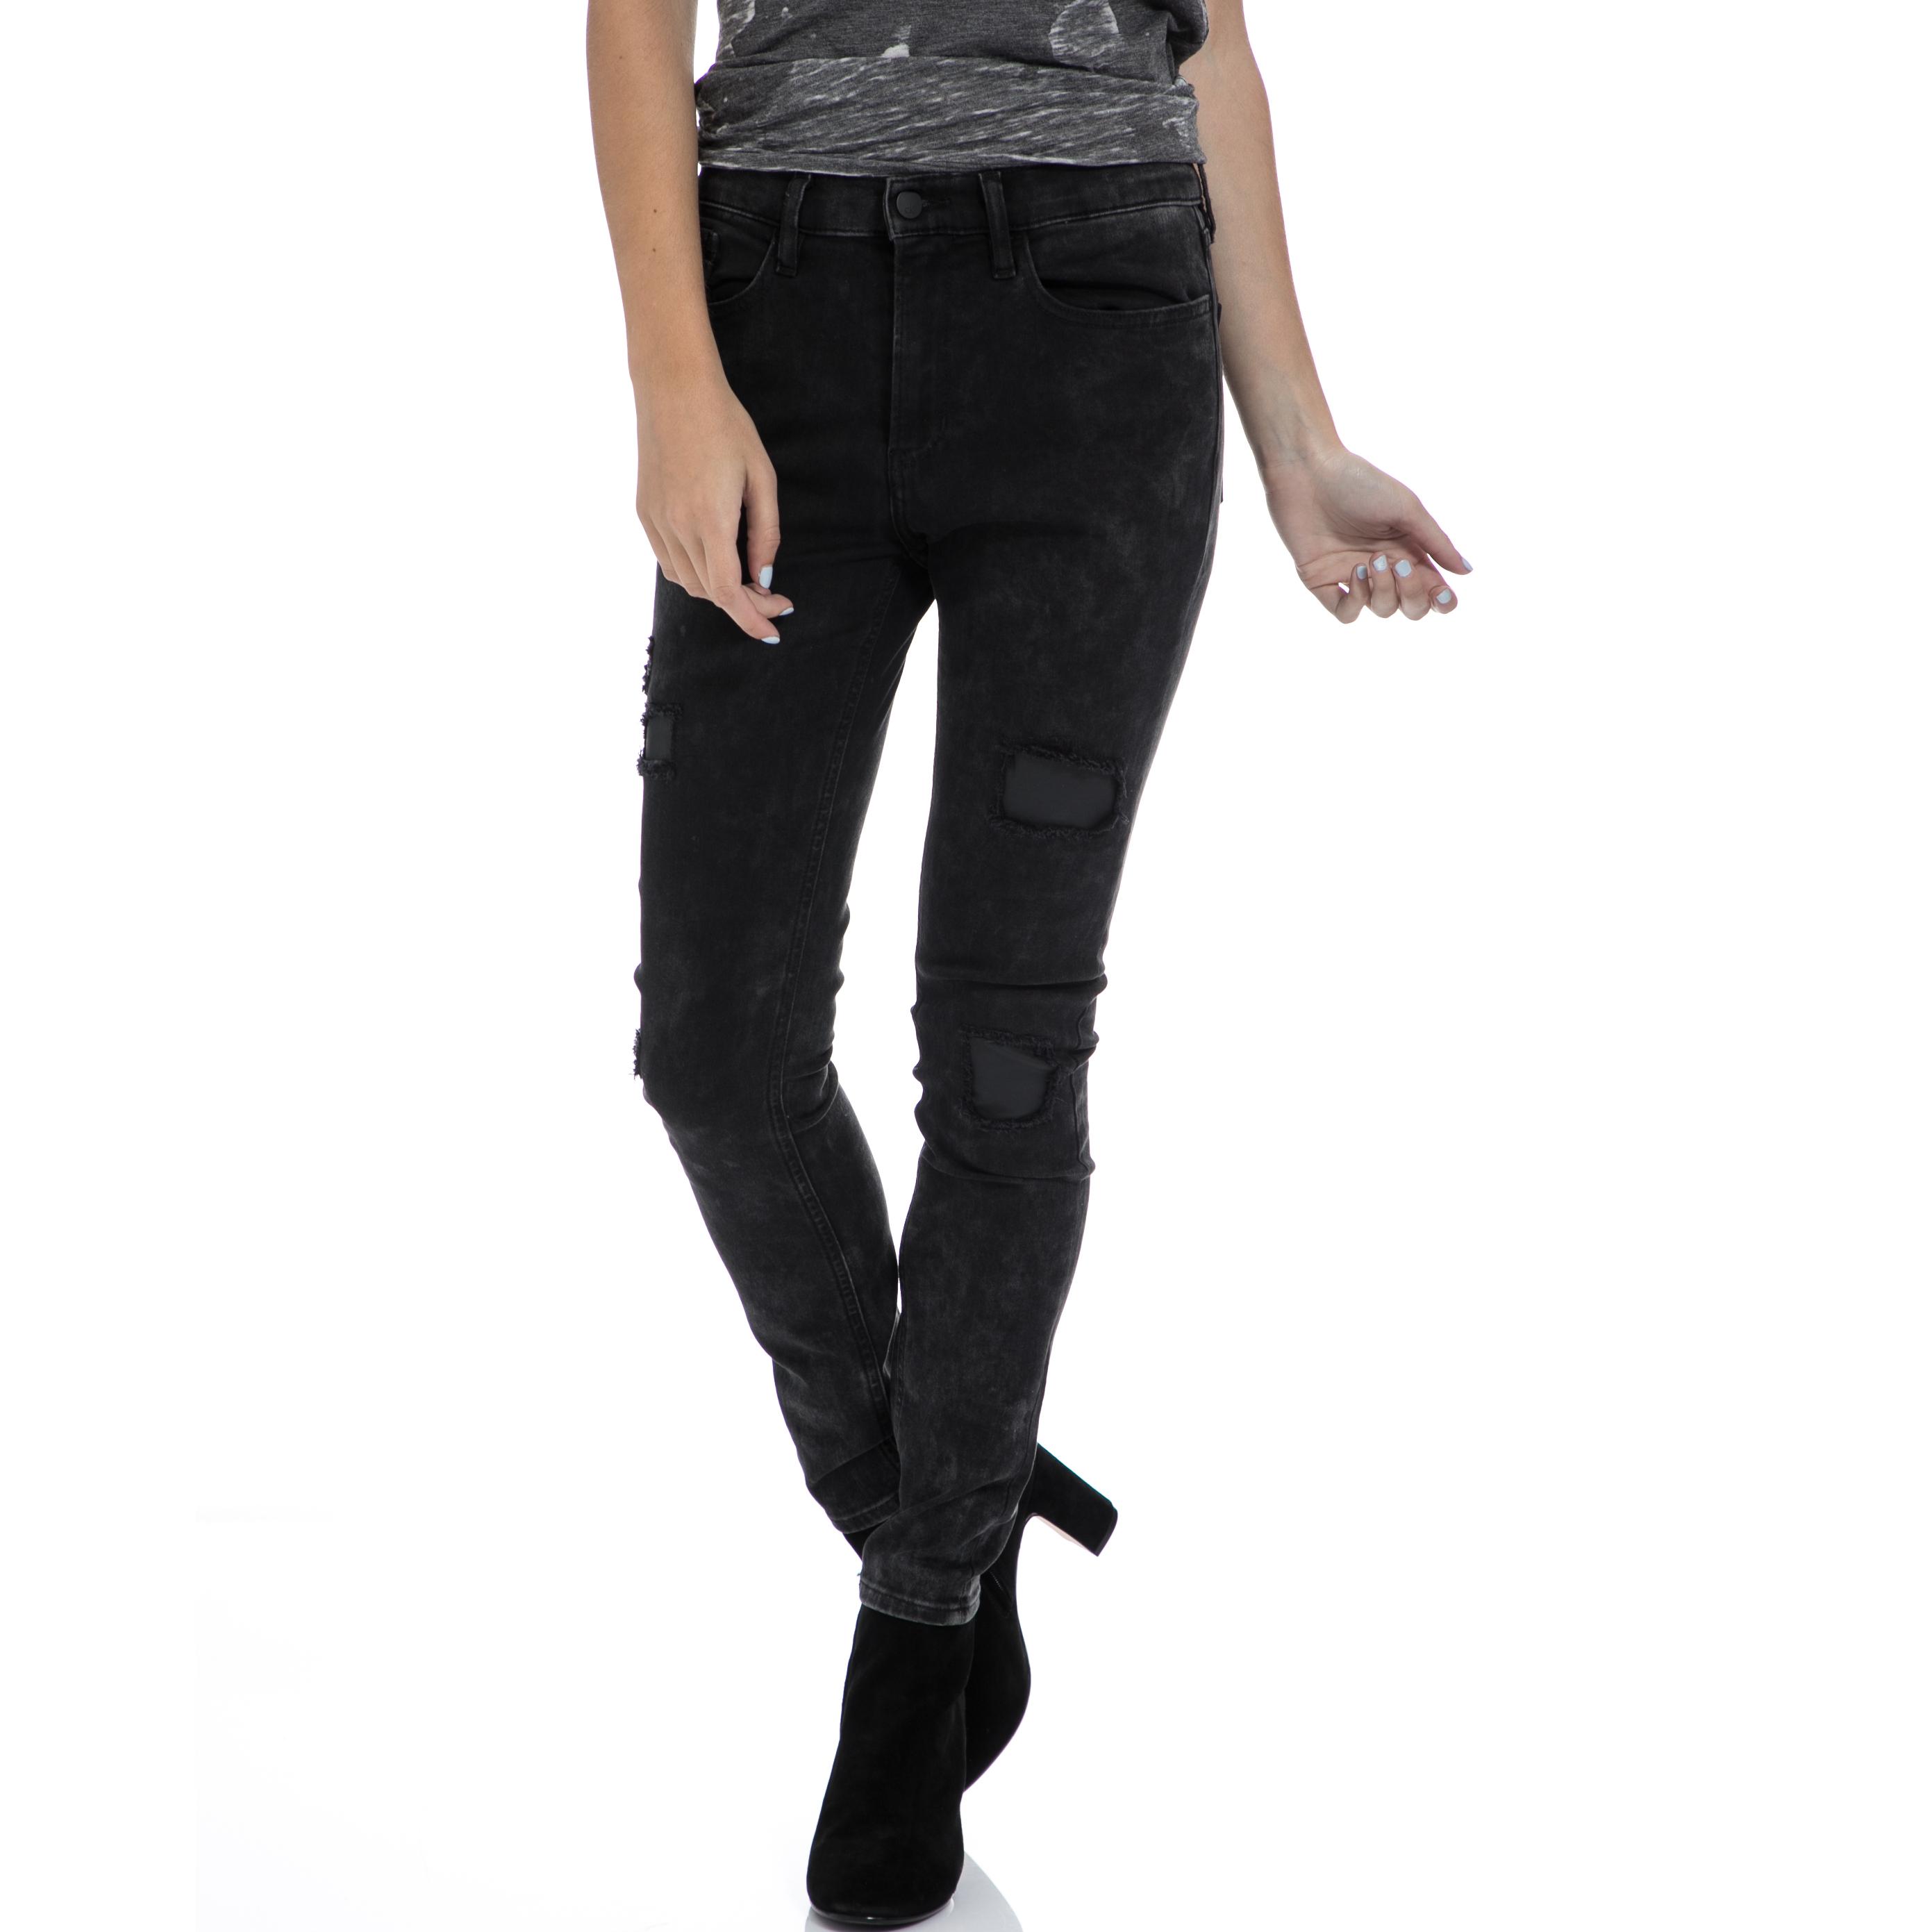 CALVIN KLEIN JEANS – Γυναικείο τζιν παντελόνι CALVIN KLEIN JEANS μαύρο